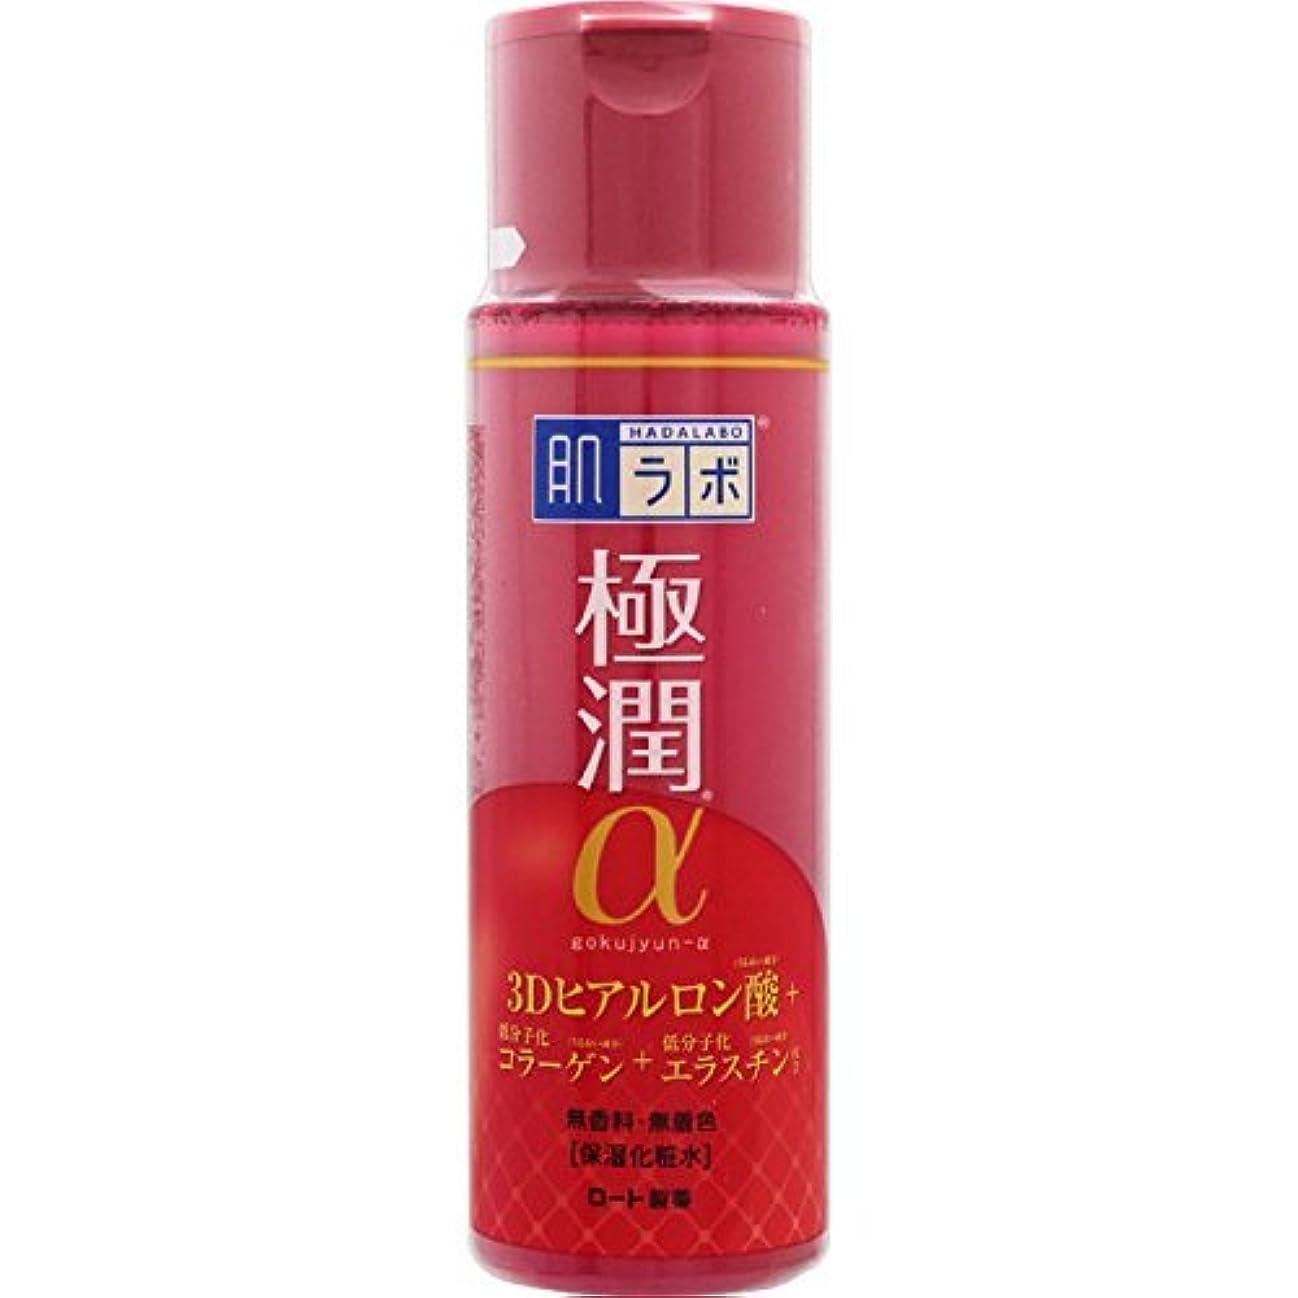 気づくなるコンプライアンス腐敗した肌ラボ 極潤α ハリ化粧水 170mL